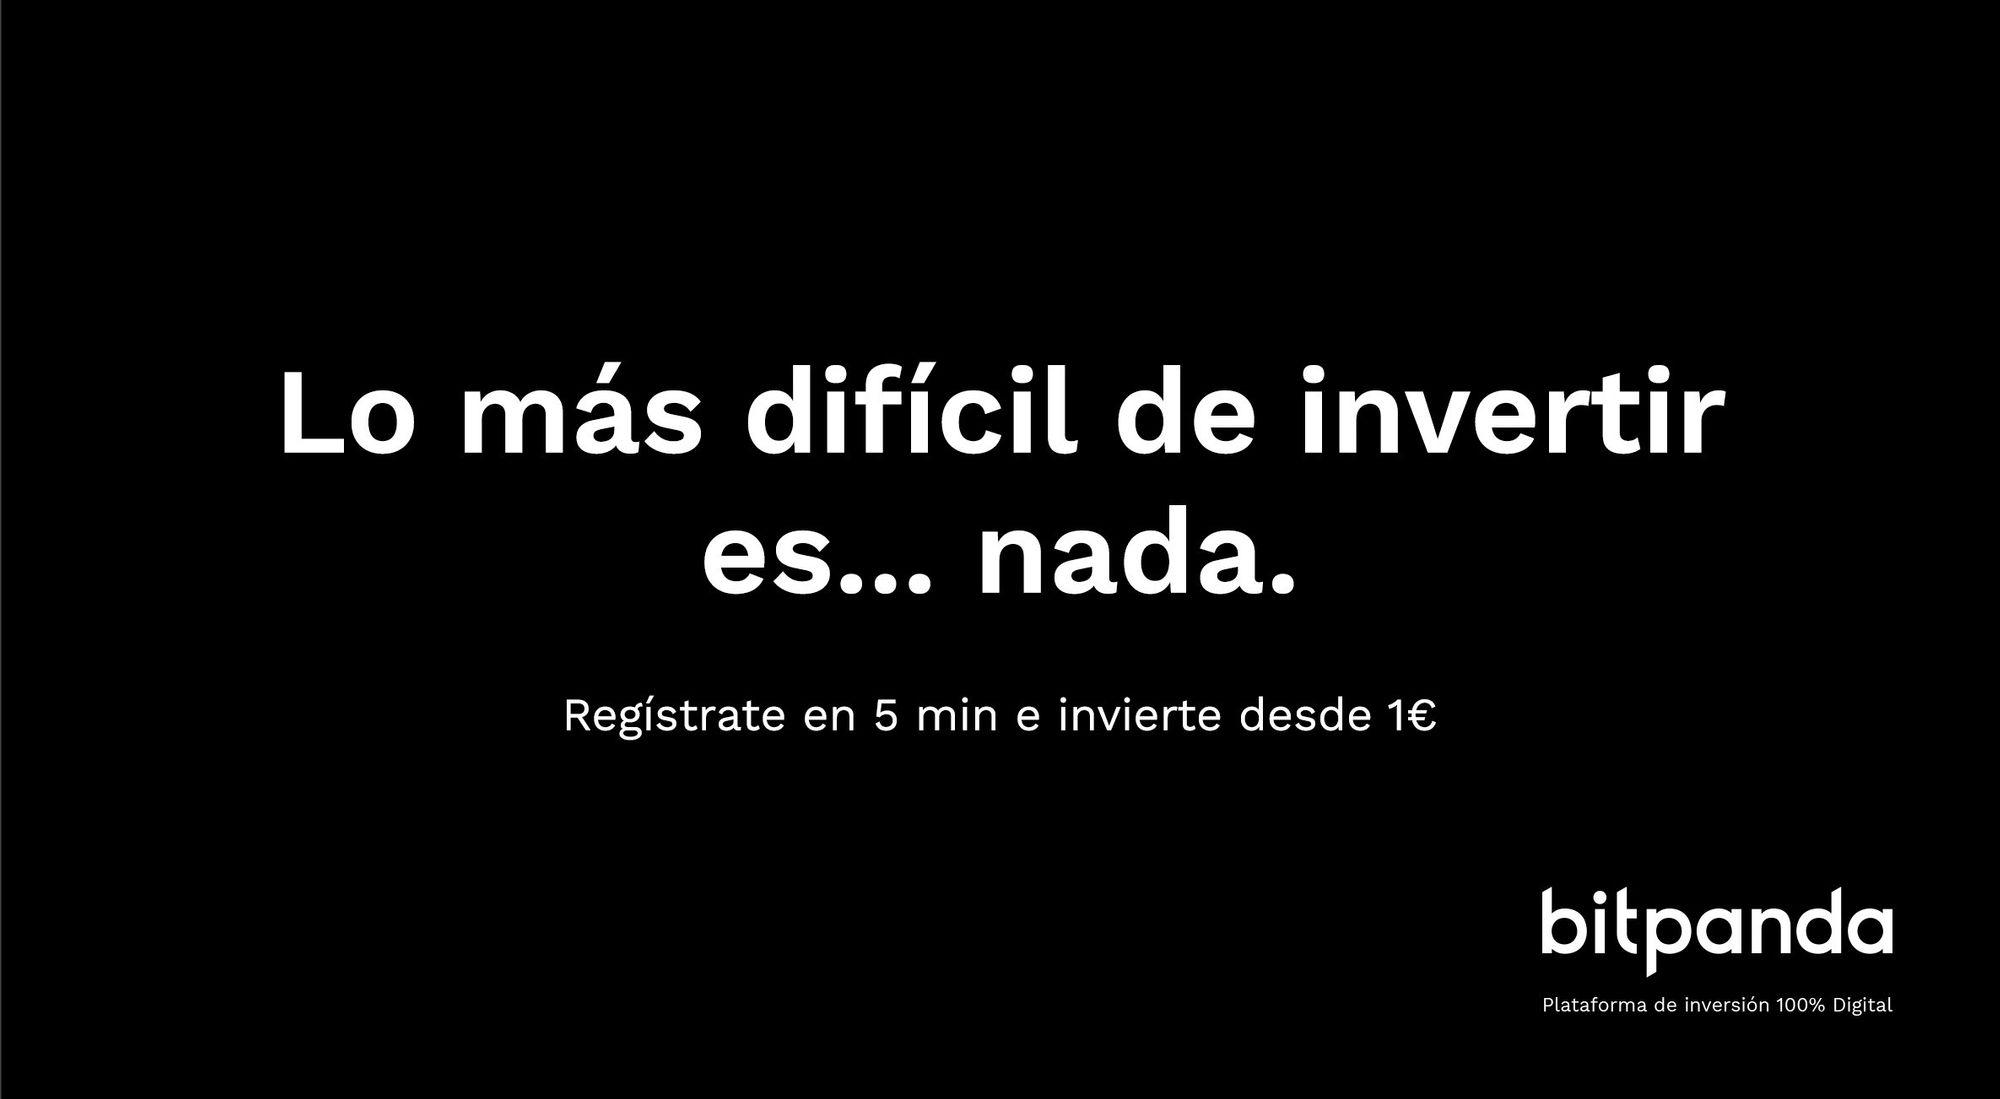 Bitpanda startet offiziell in Spanien